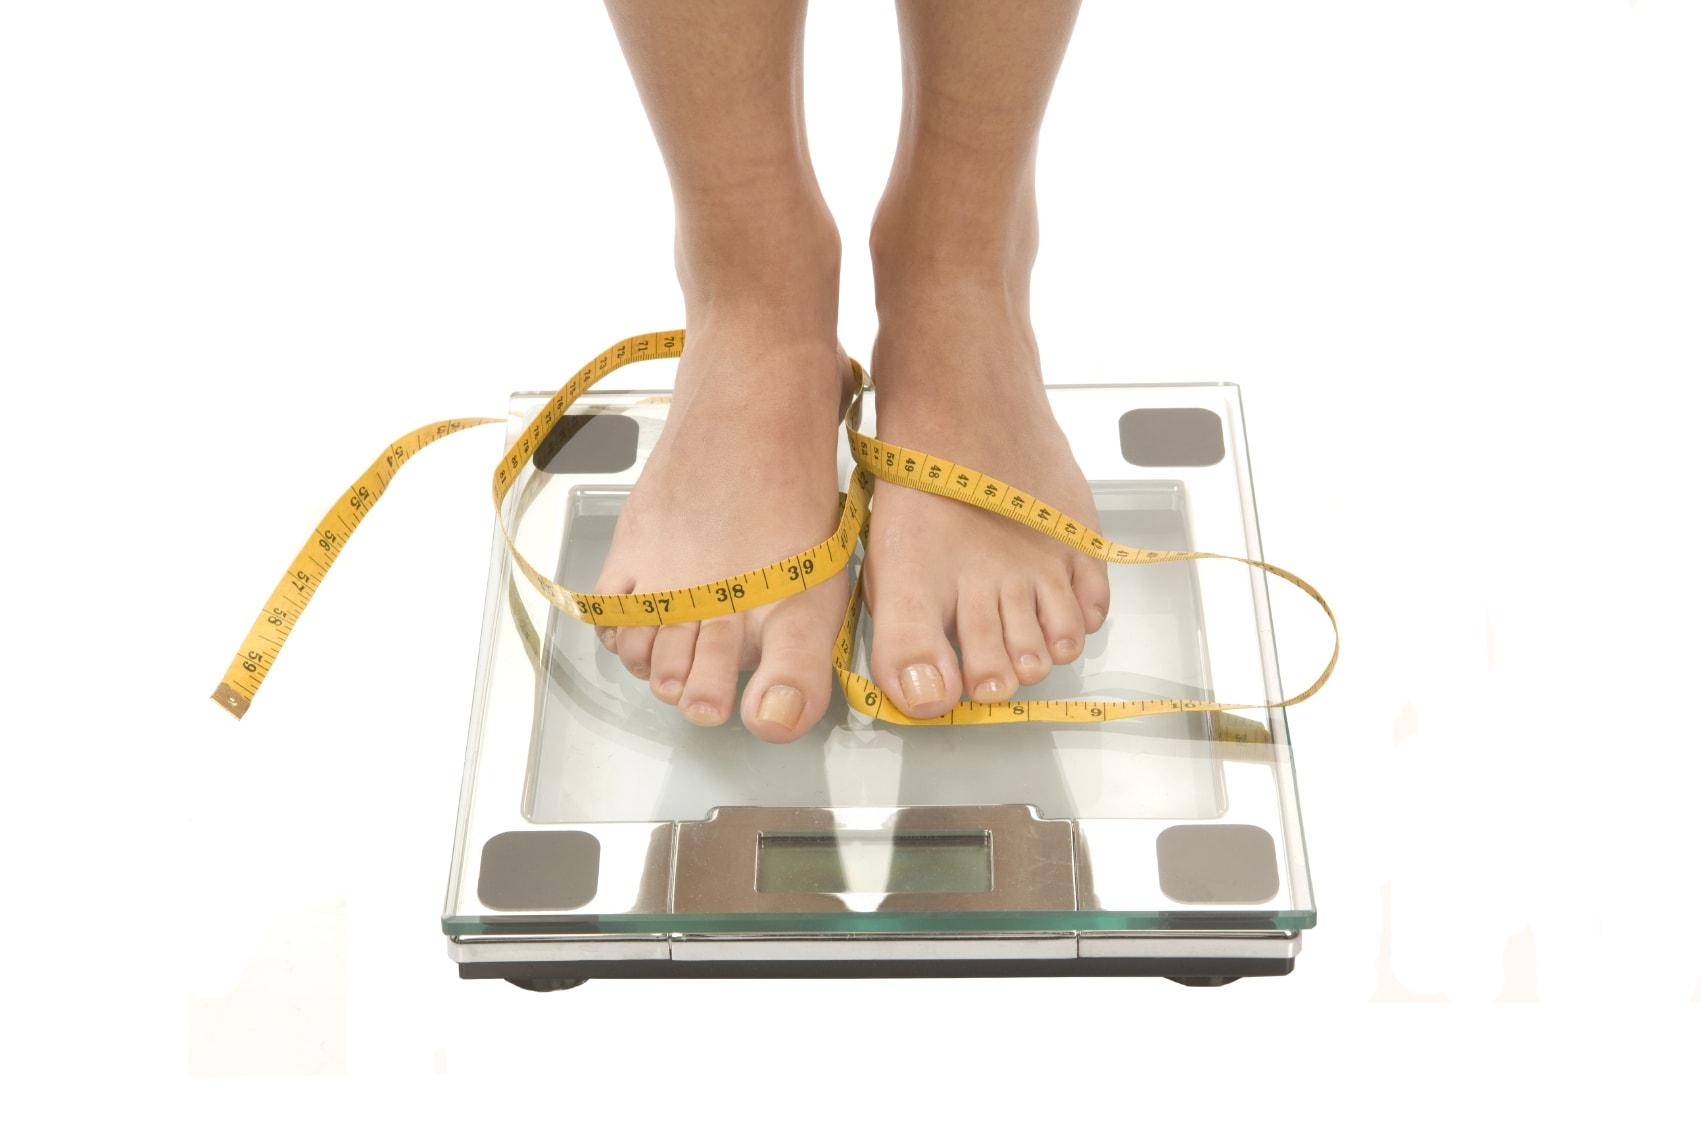 Métodos para bajar de peso